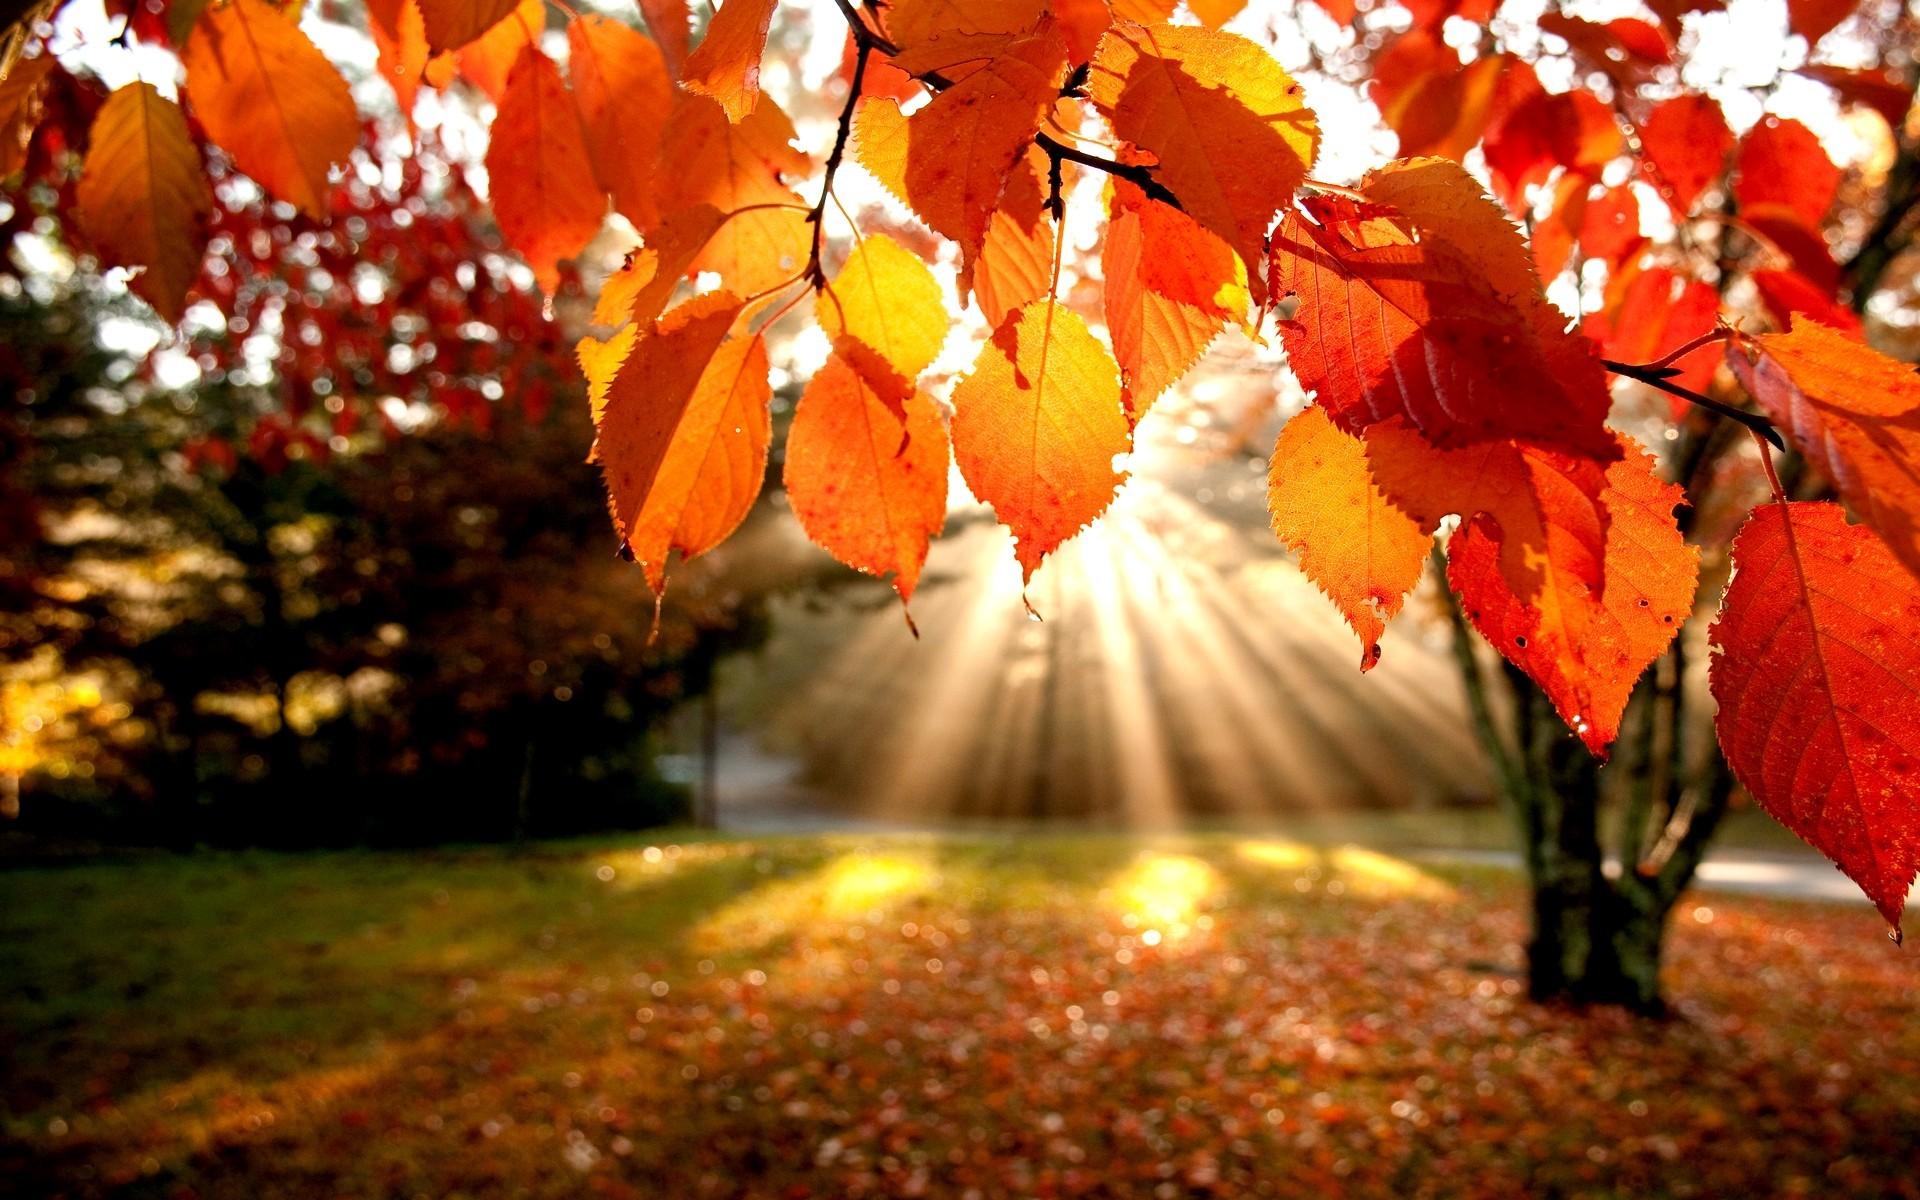 essay on autumn season in pakistan